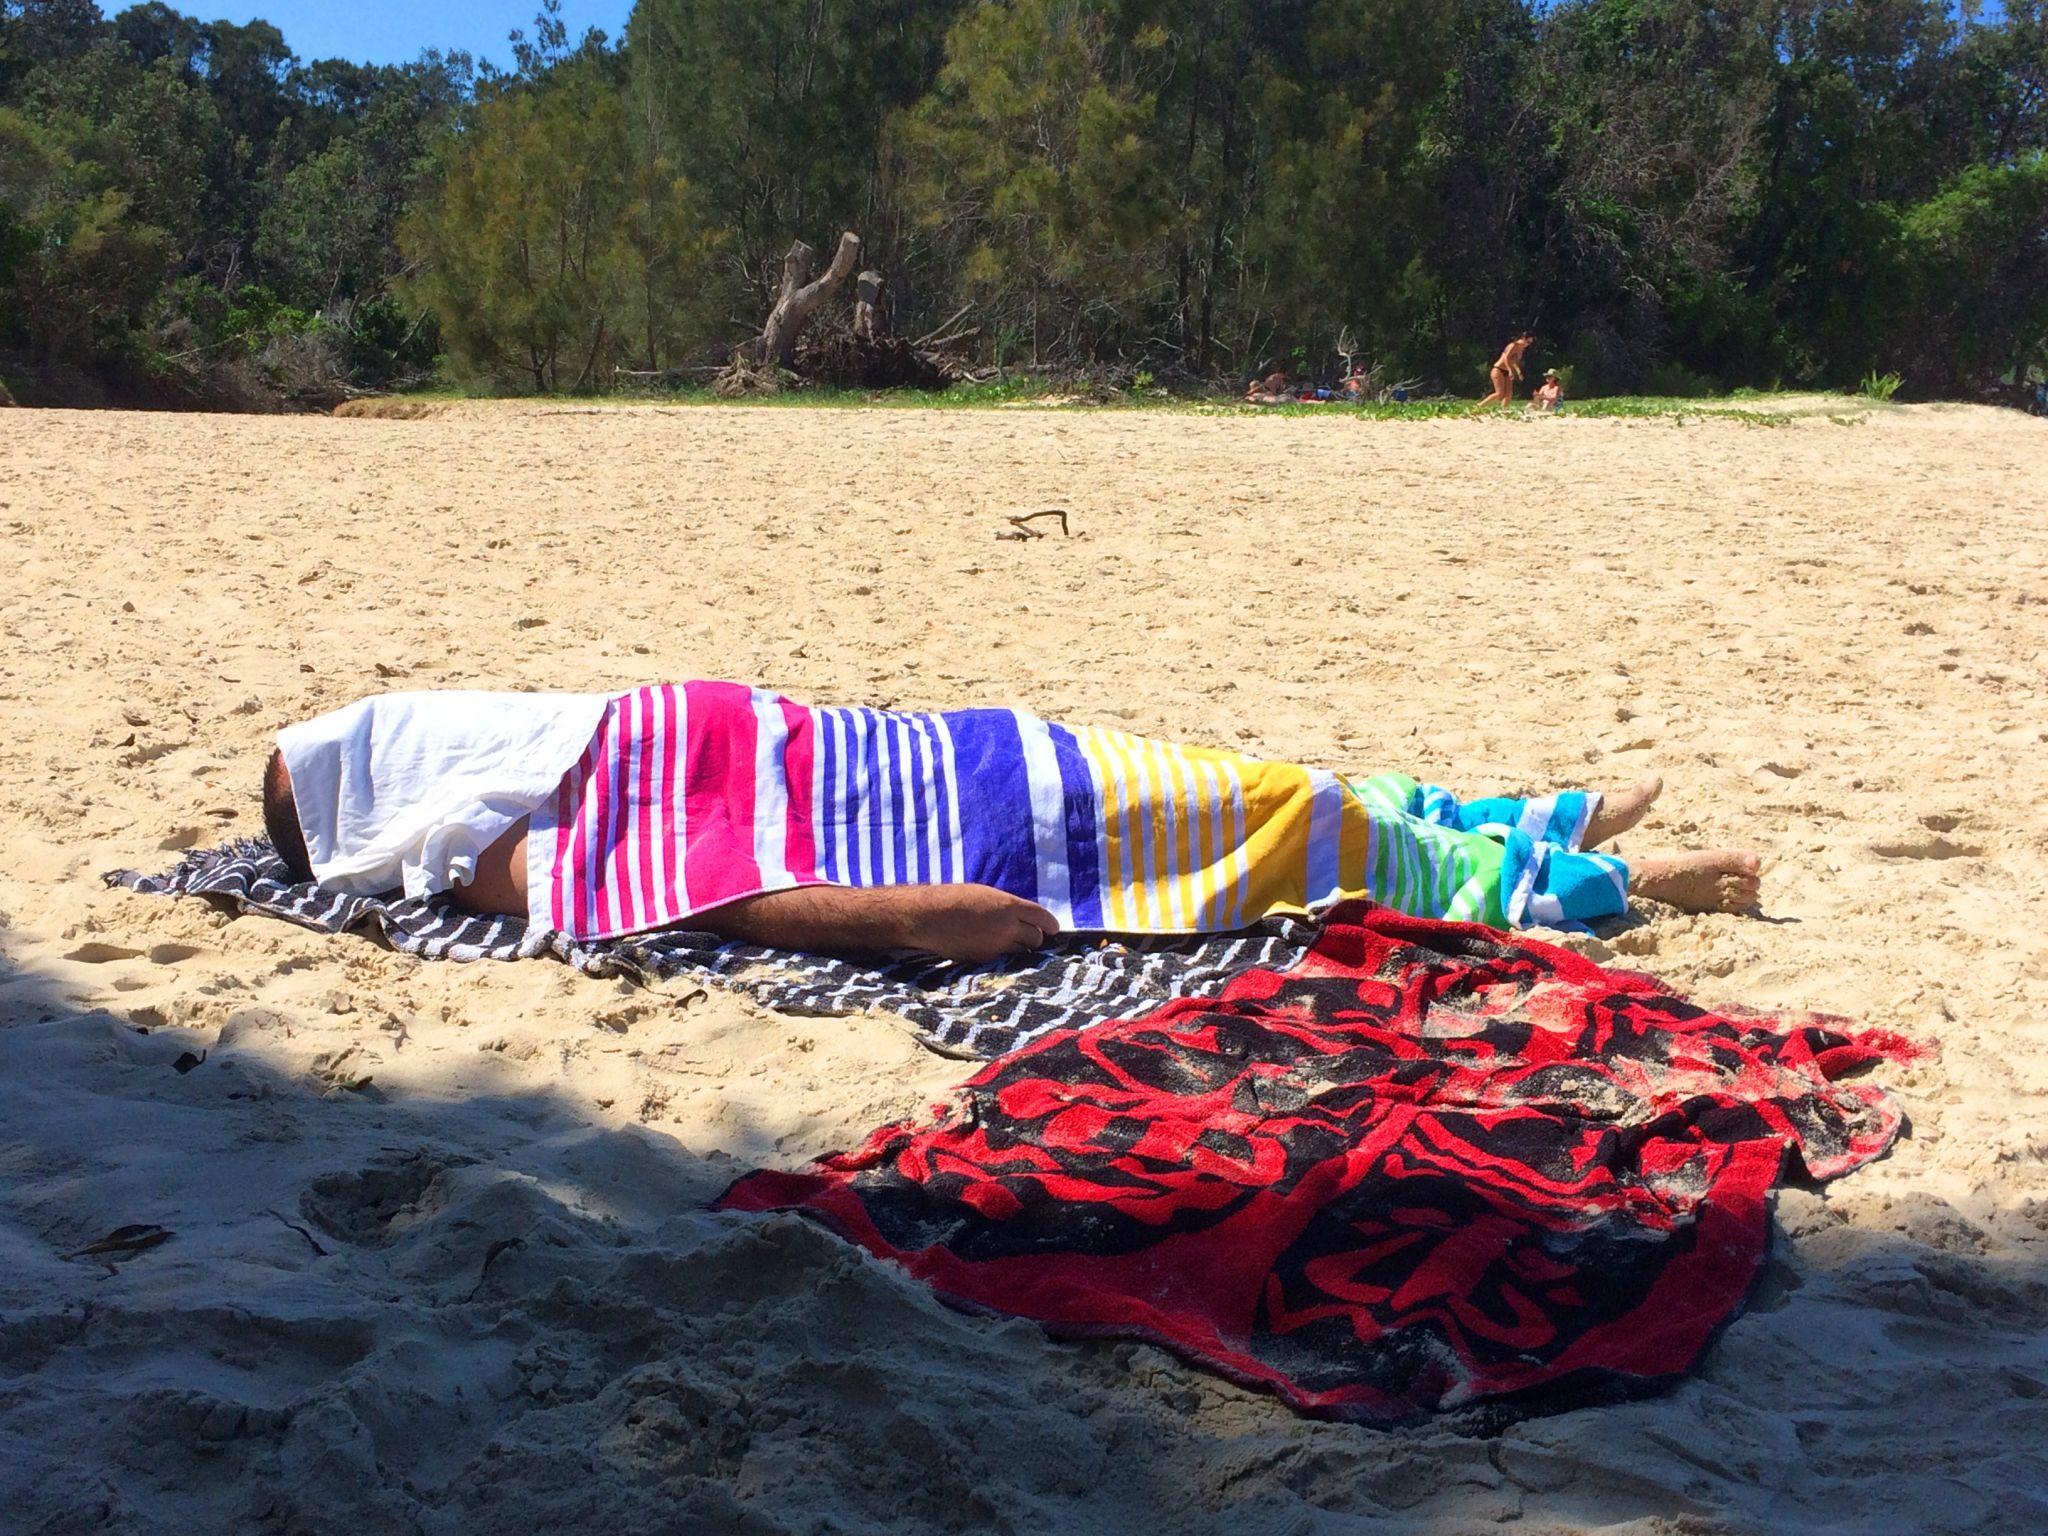 Sleeping under towels on beach